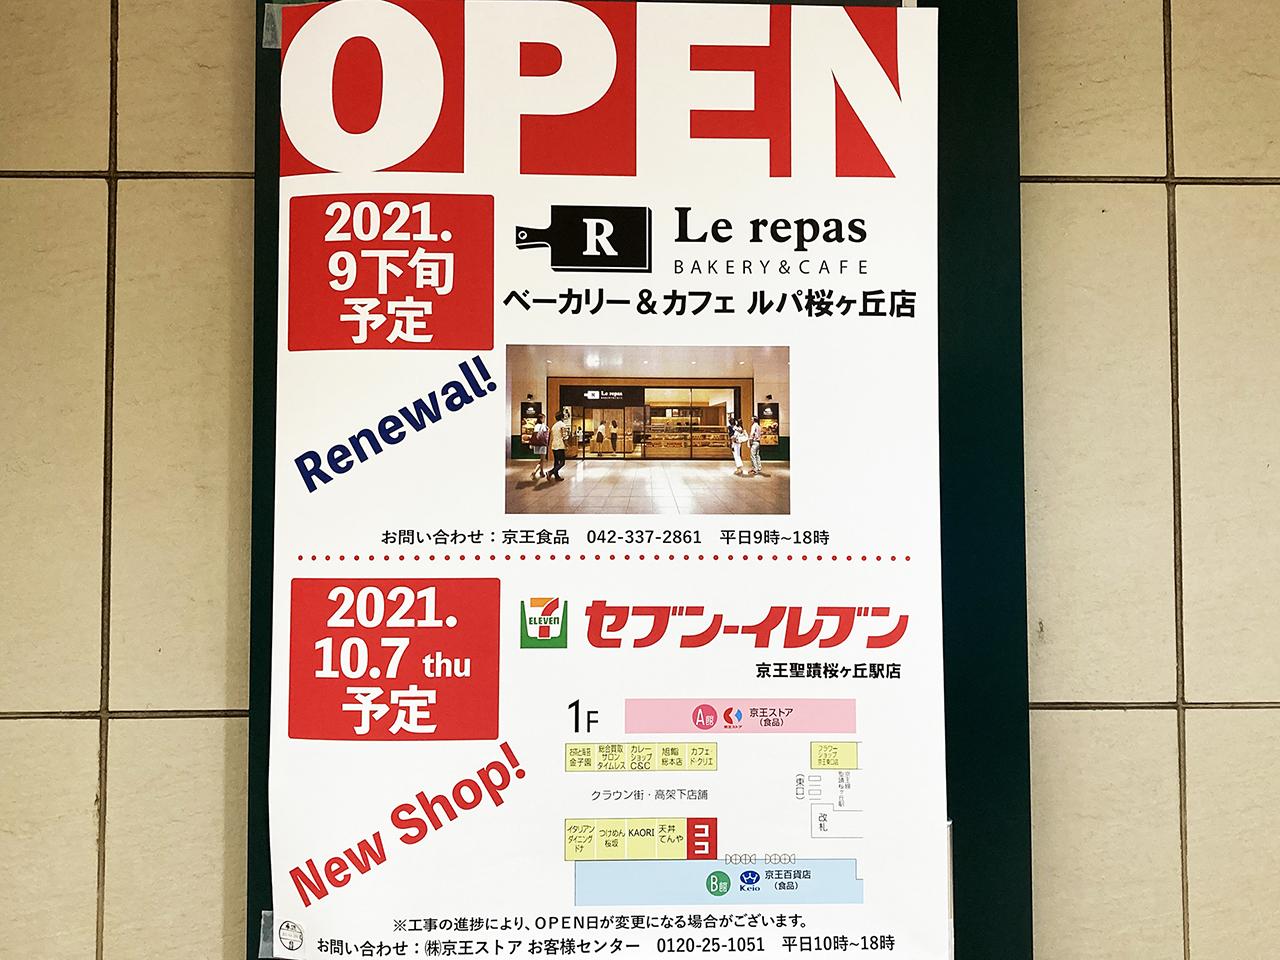 セブン-イレブンは10月7日オープンへ・聖蹟桜ヶ丘駅改札口前でオープン情報相次ぐ!